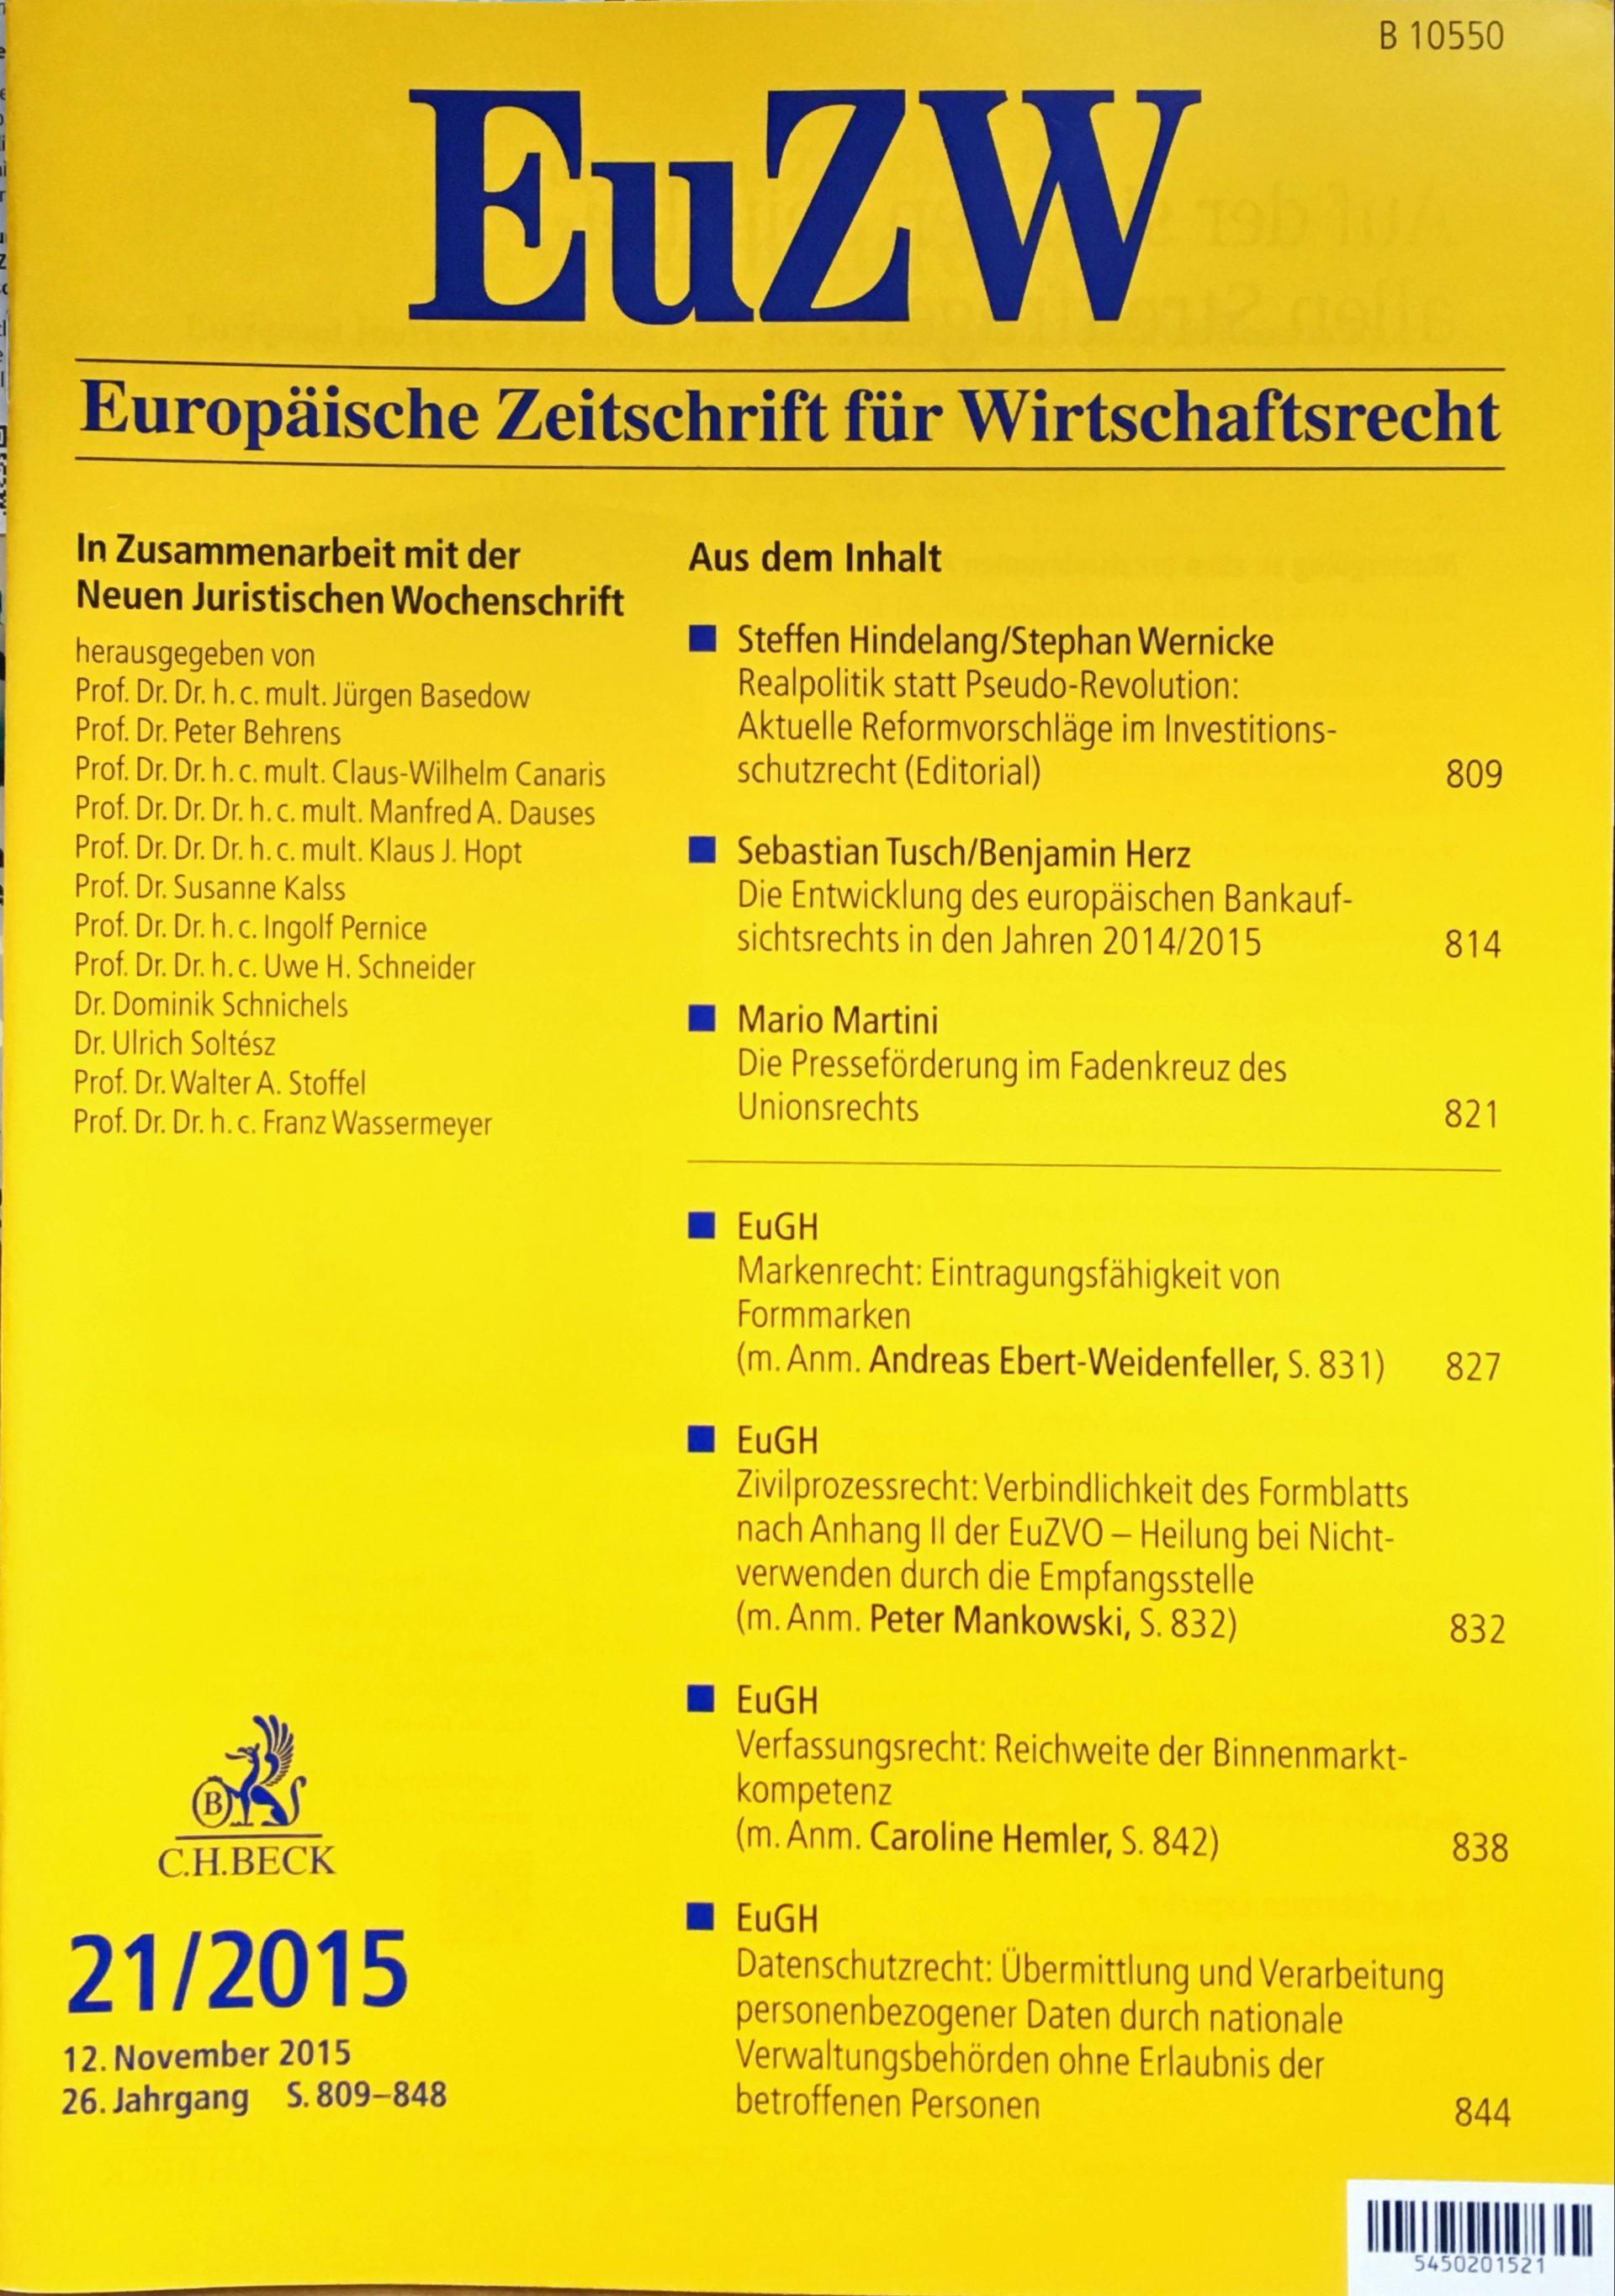 Editorial: Realpolitik statt Pseudo-Revolution: Aktuelle Reformvorschläge im Investitionsschutzrecht